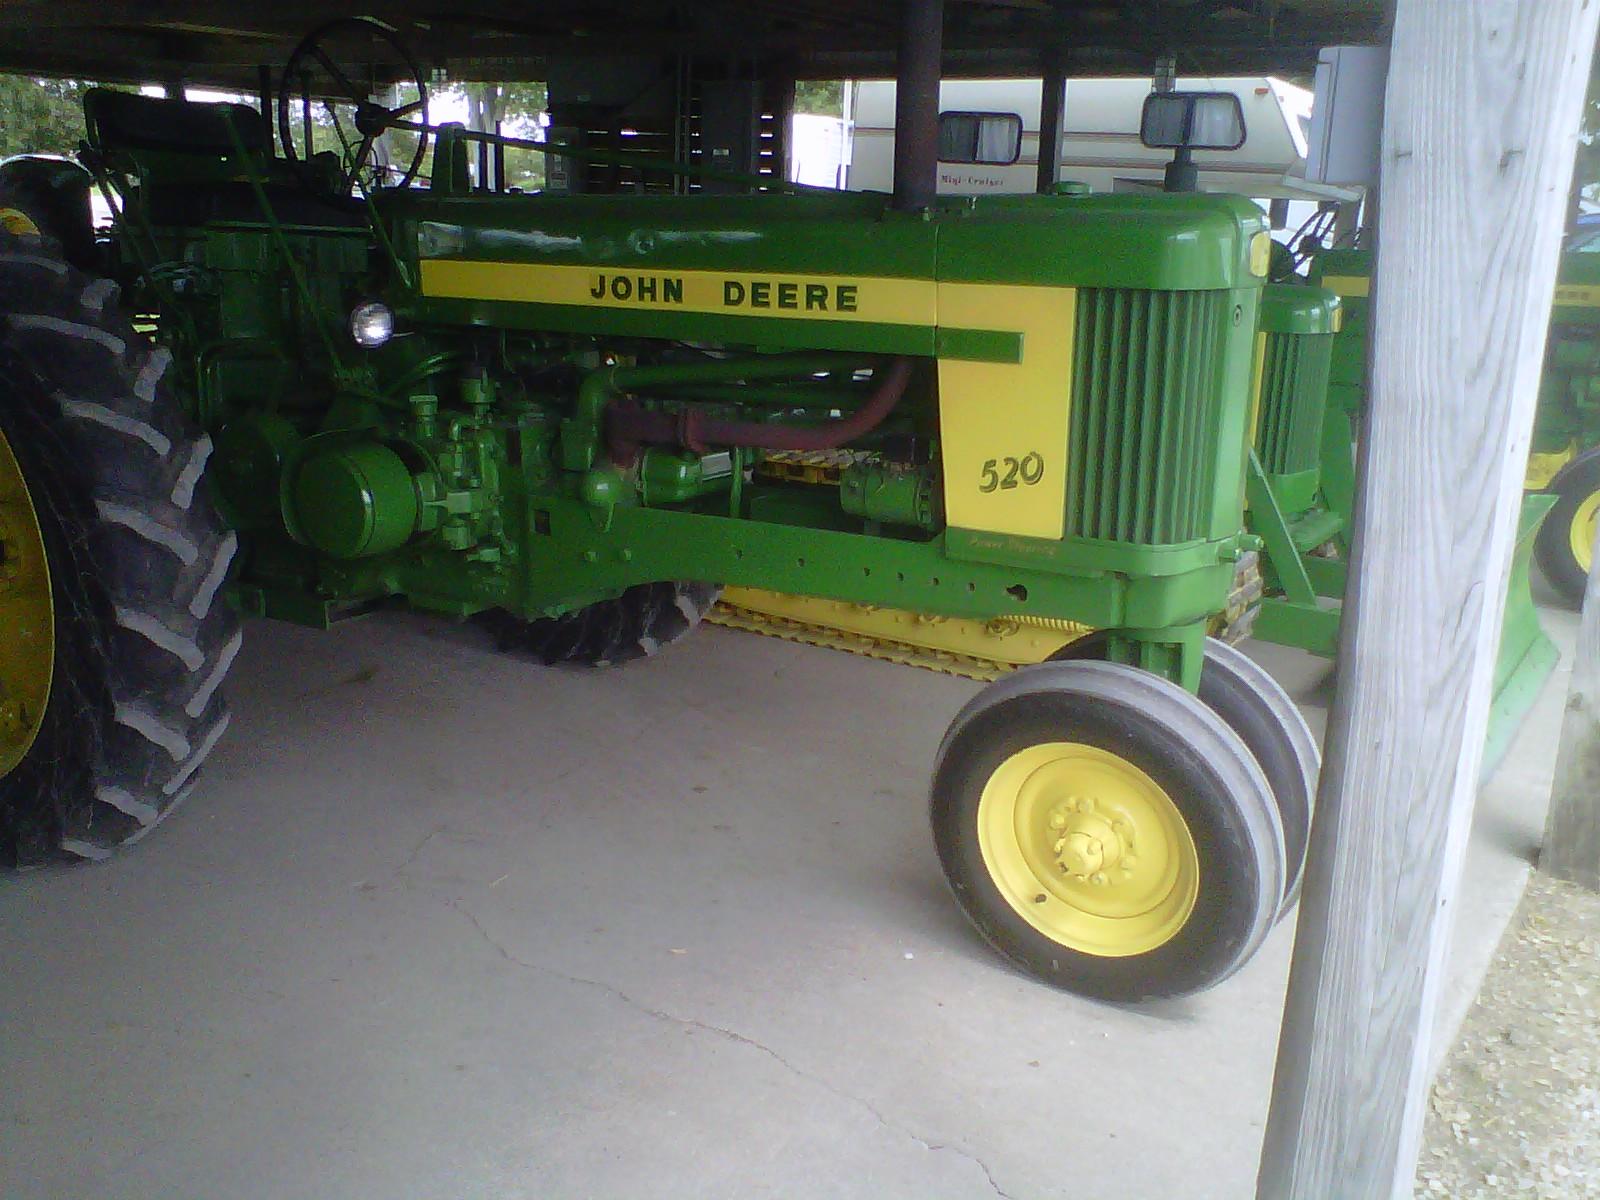 John Deere 520 Tractor Clutch : John deere tractor construction plant wiki